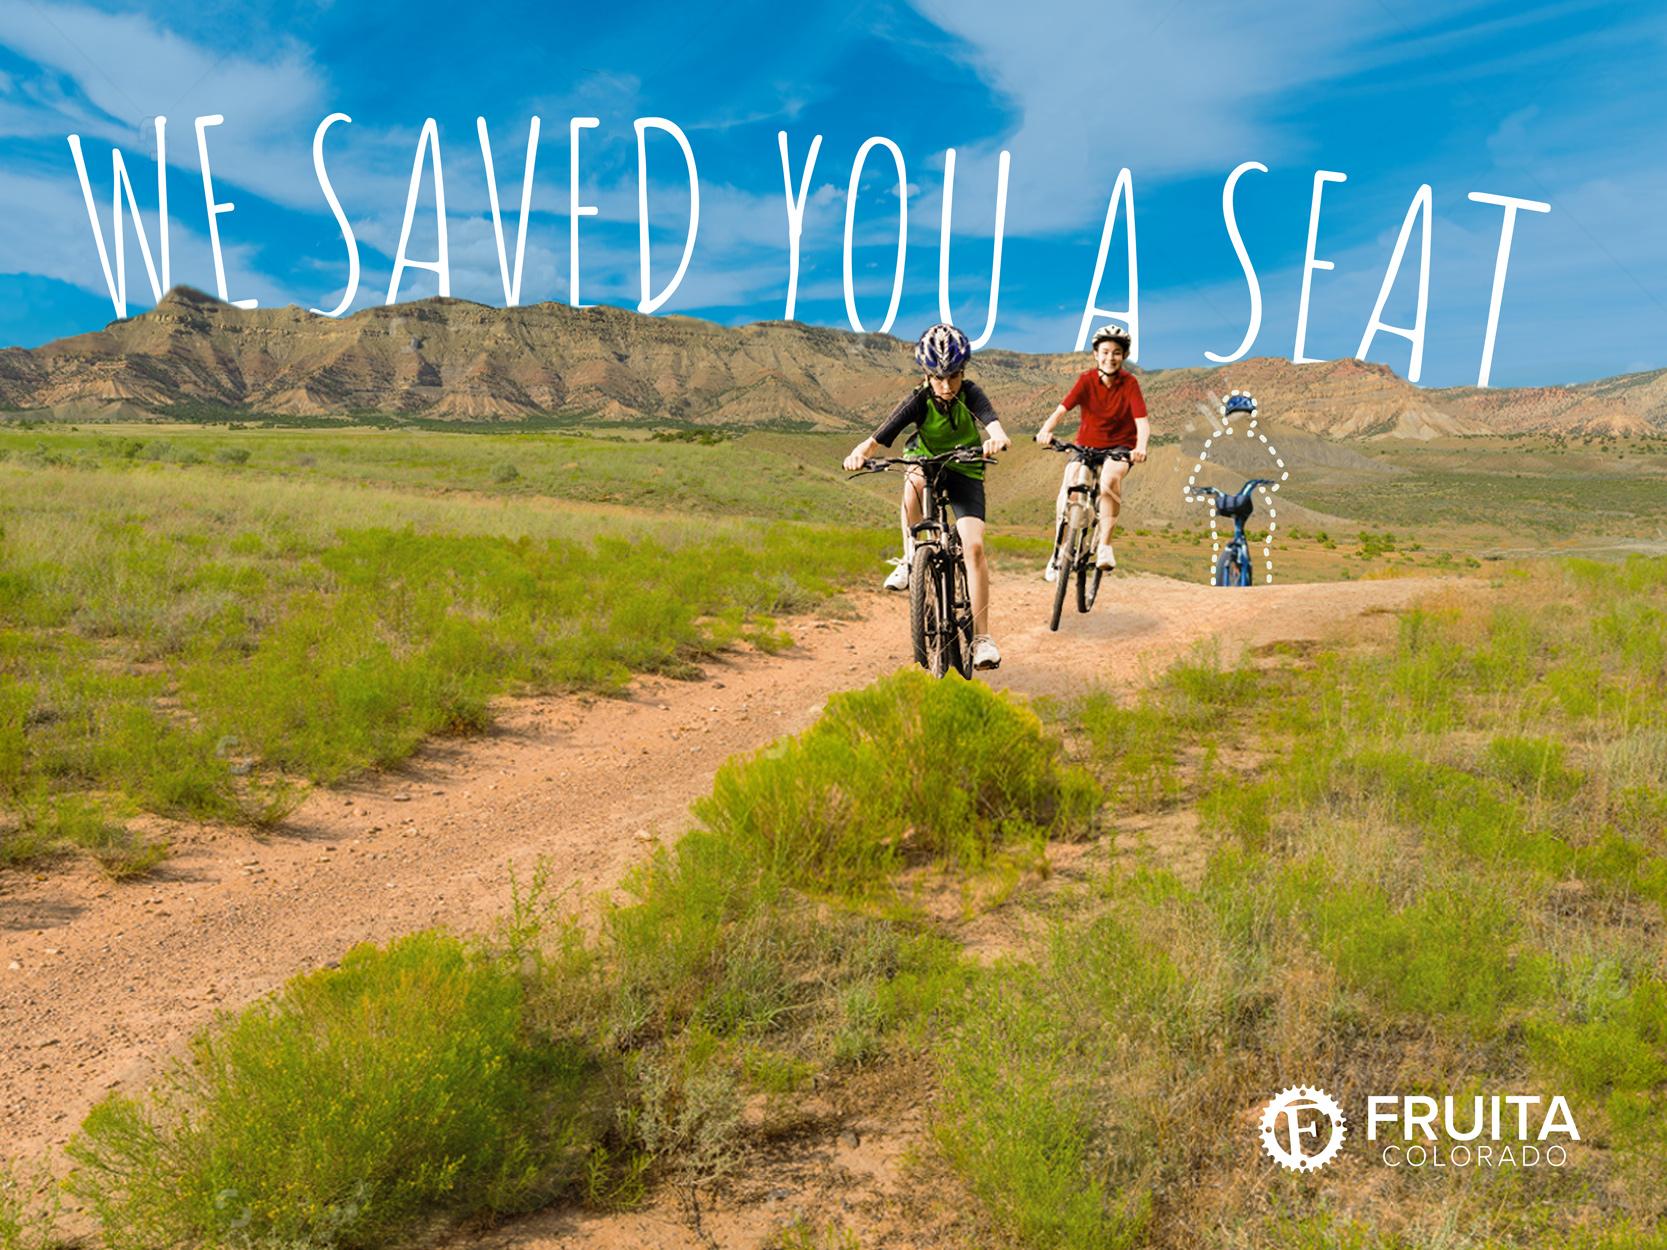 fruita_biking.jpg